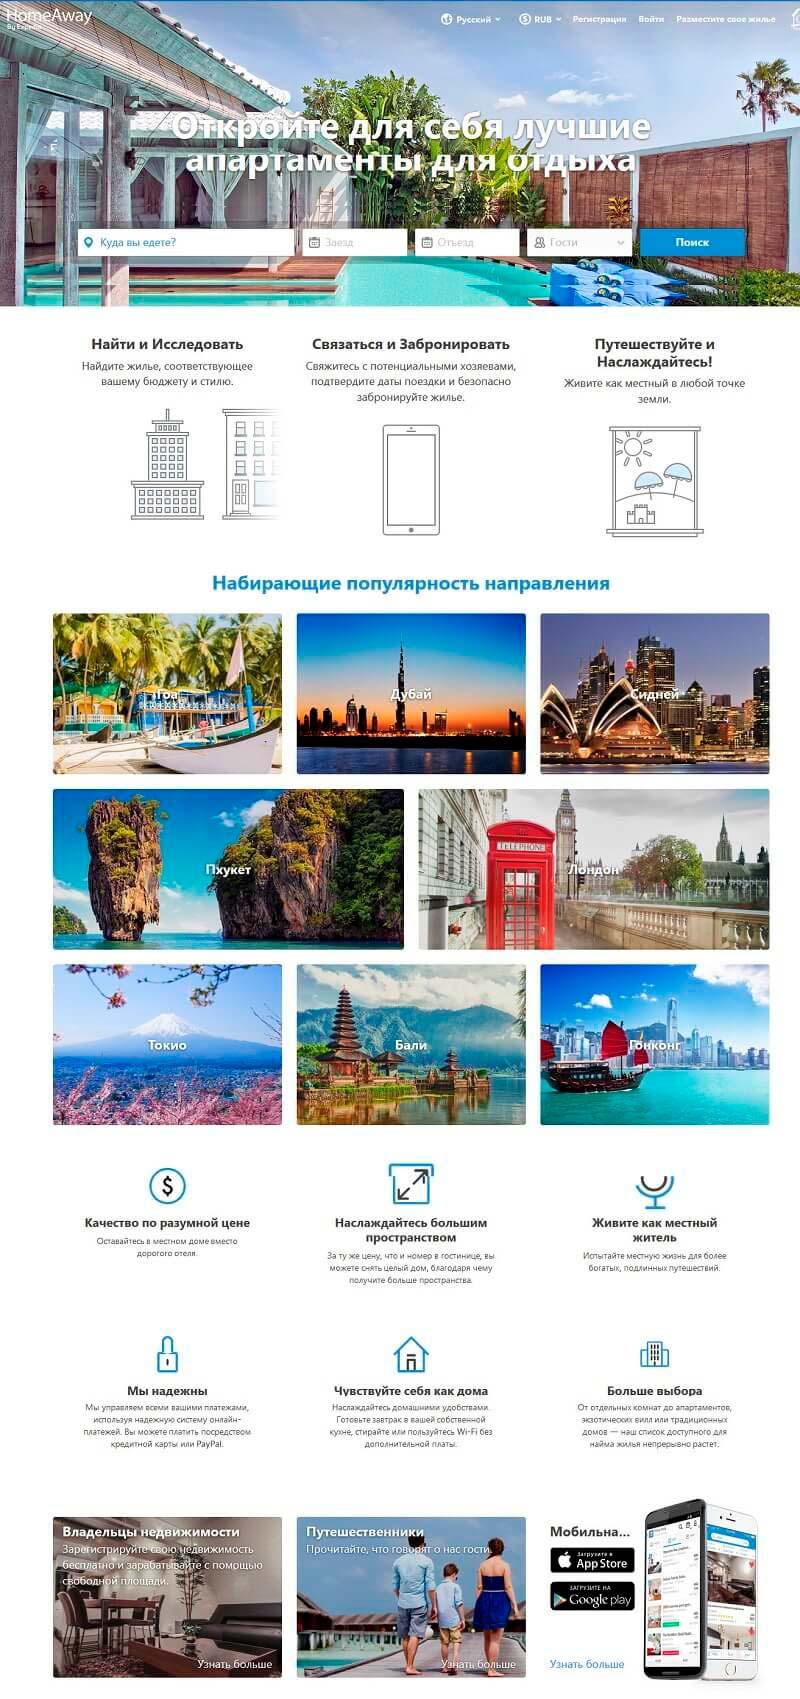 Аренда жилья по всему миру – сервис HomeAway